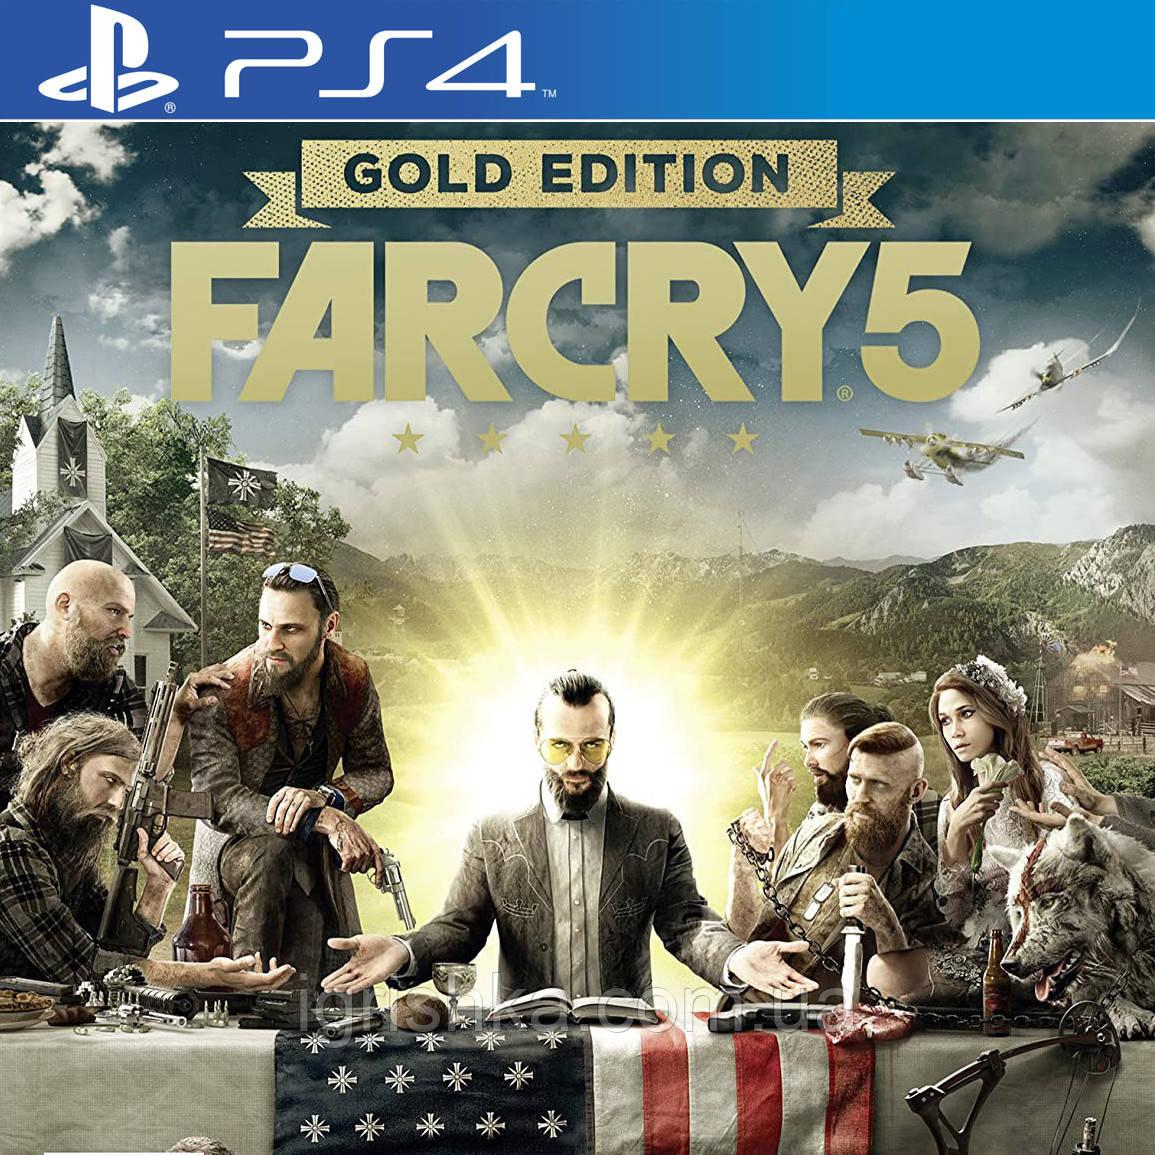 Far Cry 5 Gold Edition Ps4 (Цифровий аккаунт для PlayStation 4) П3